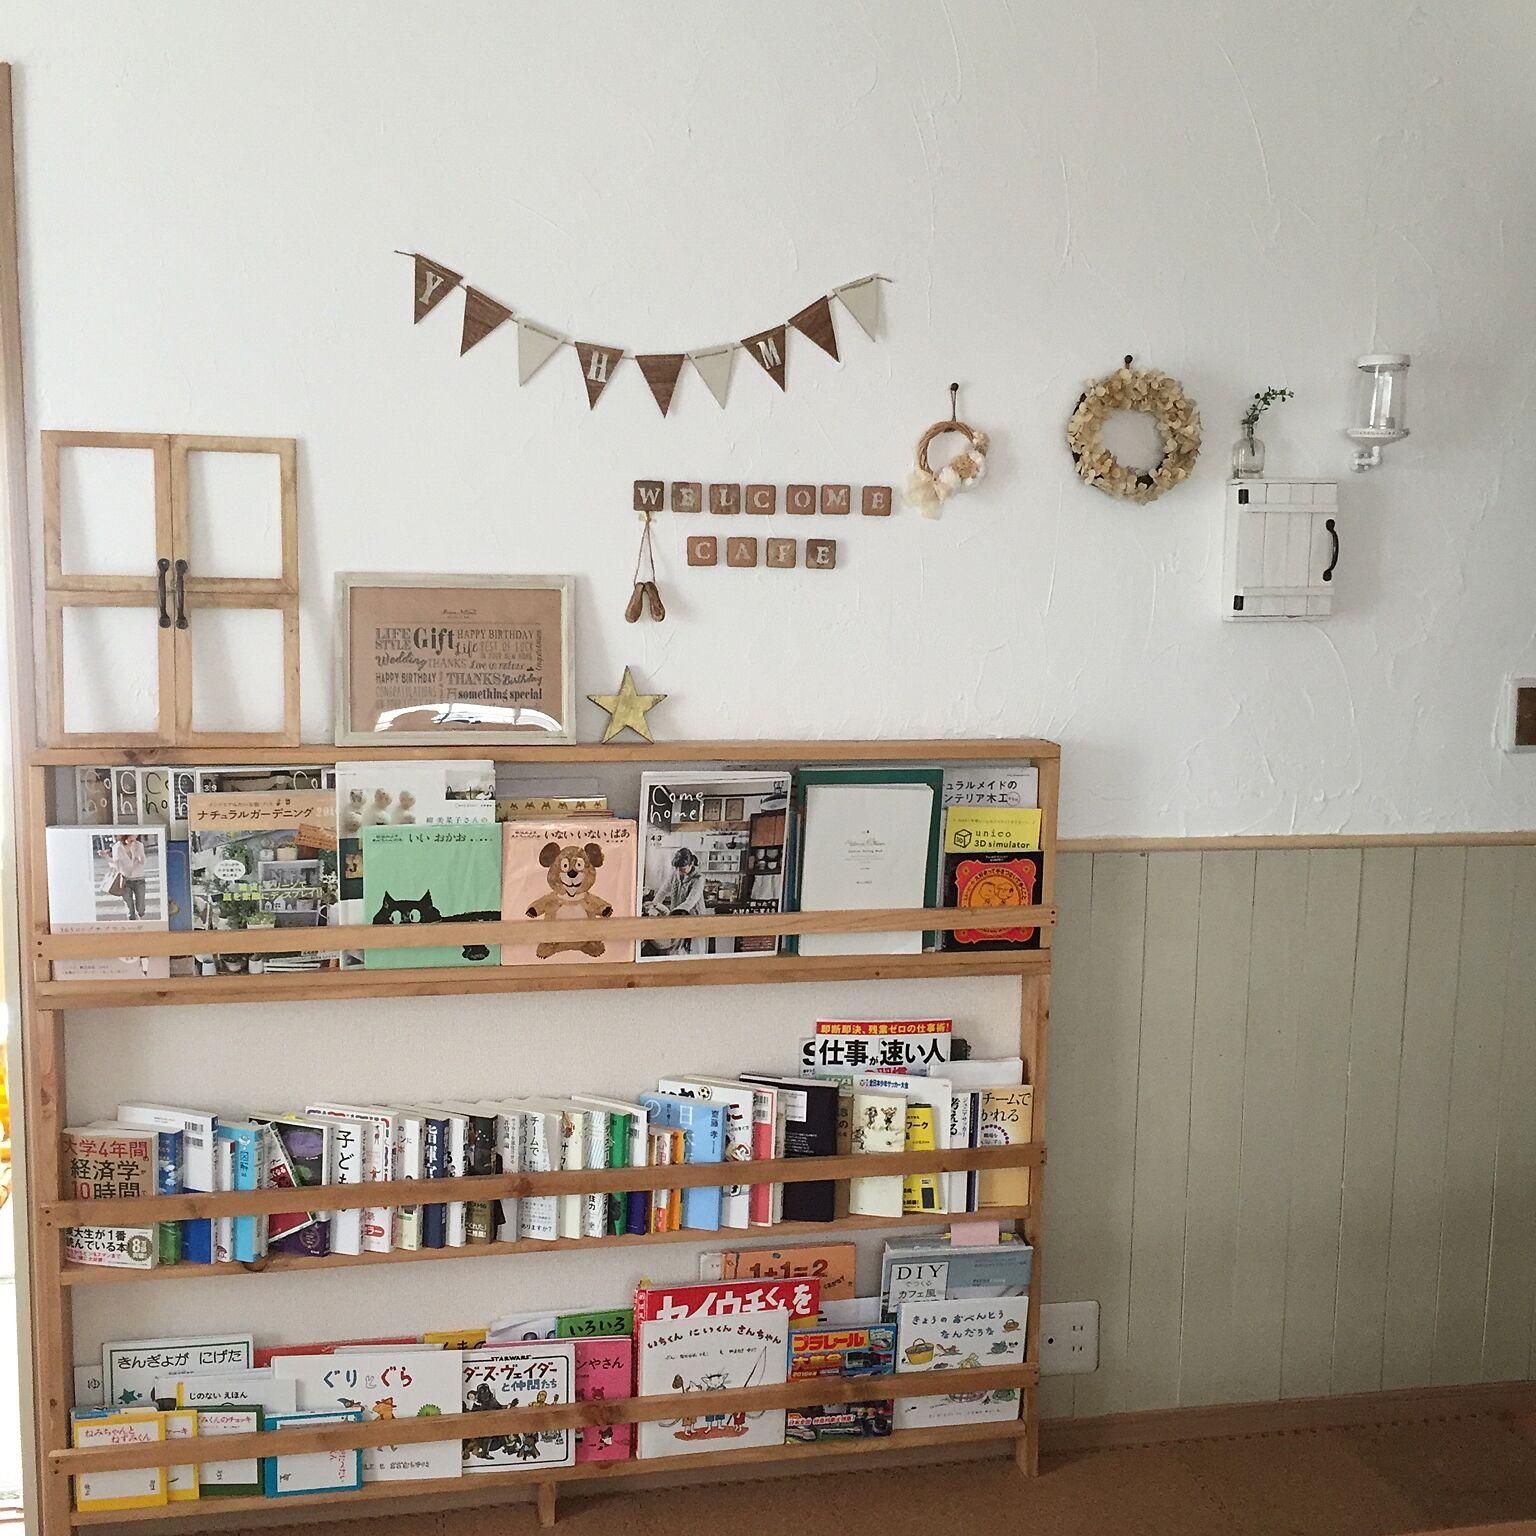 女性で、4LDK、家族住まいのモモナチュラル/本棚DIY/リース/セリア/漆喰壁DIY/DIY…などについてのインテリア実例を紹介。